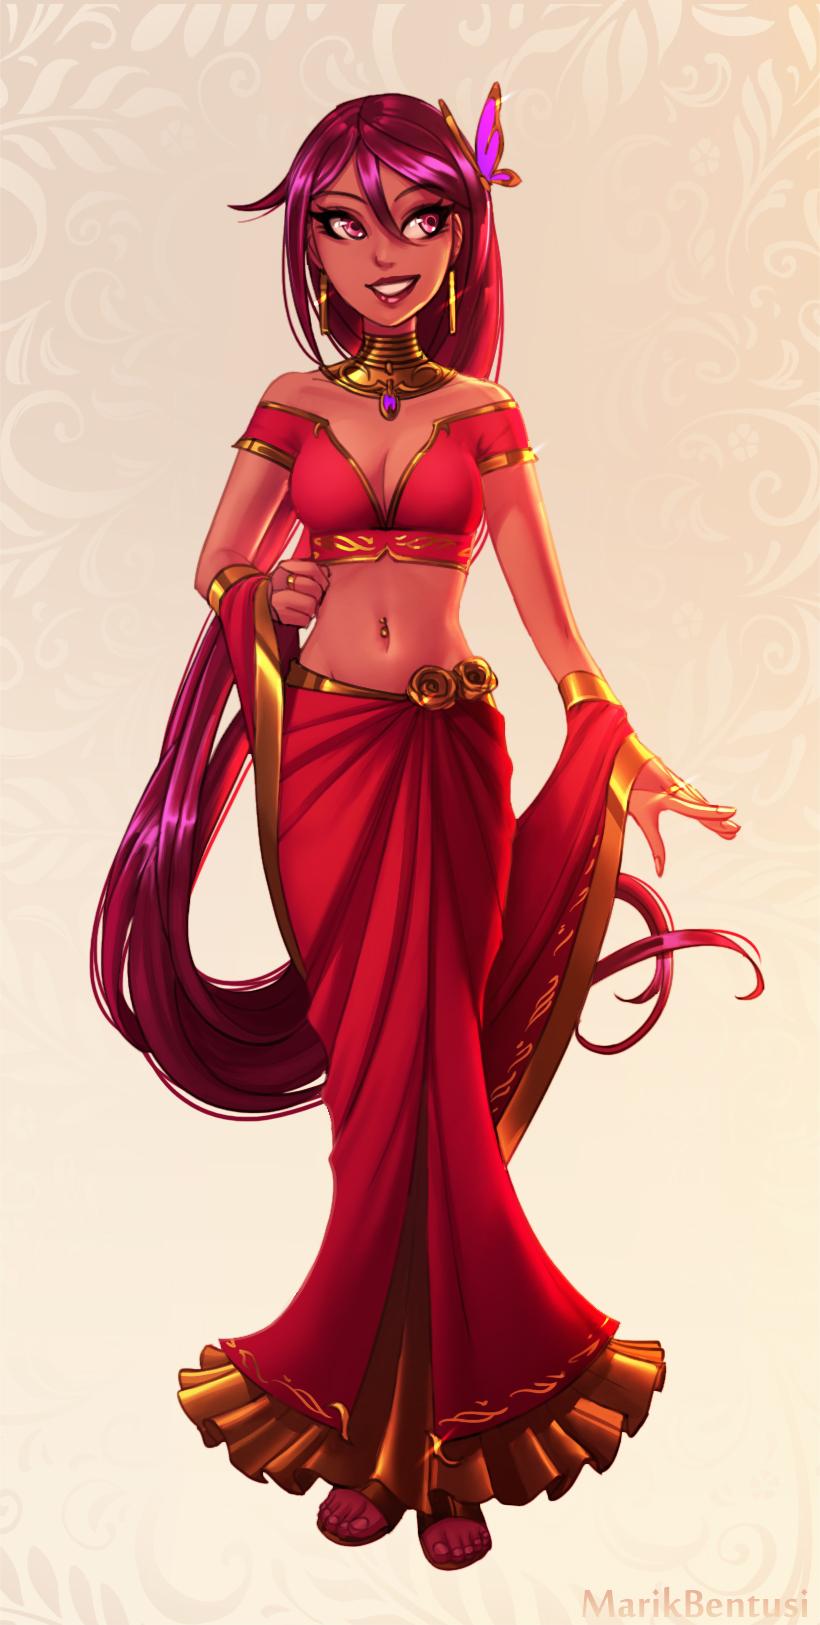 Warframe: Fancy Tyri (red dress)